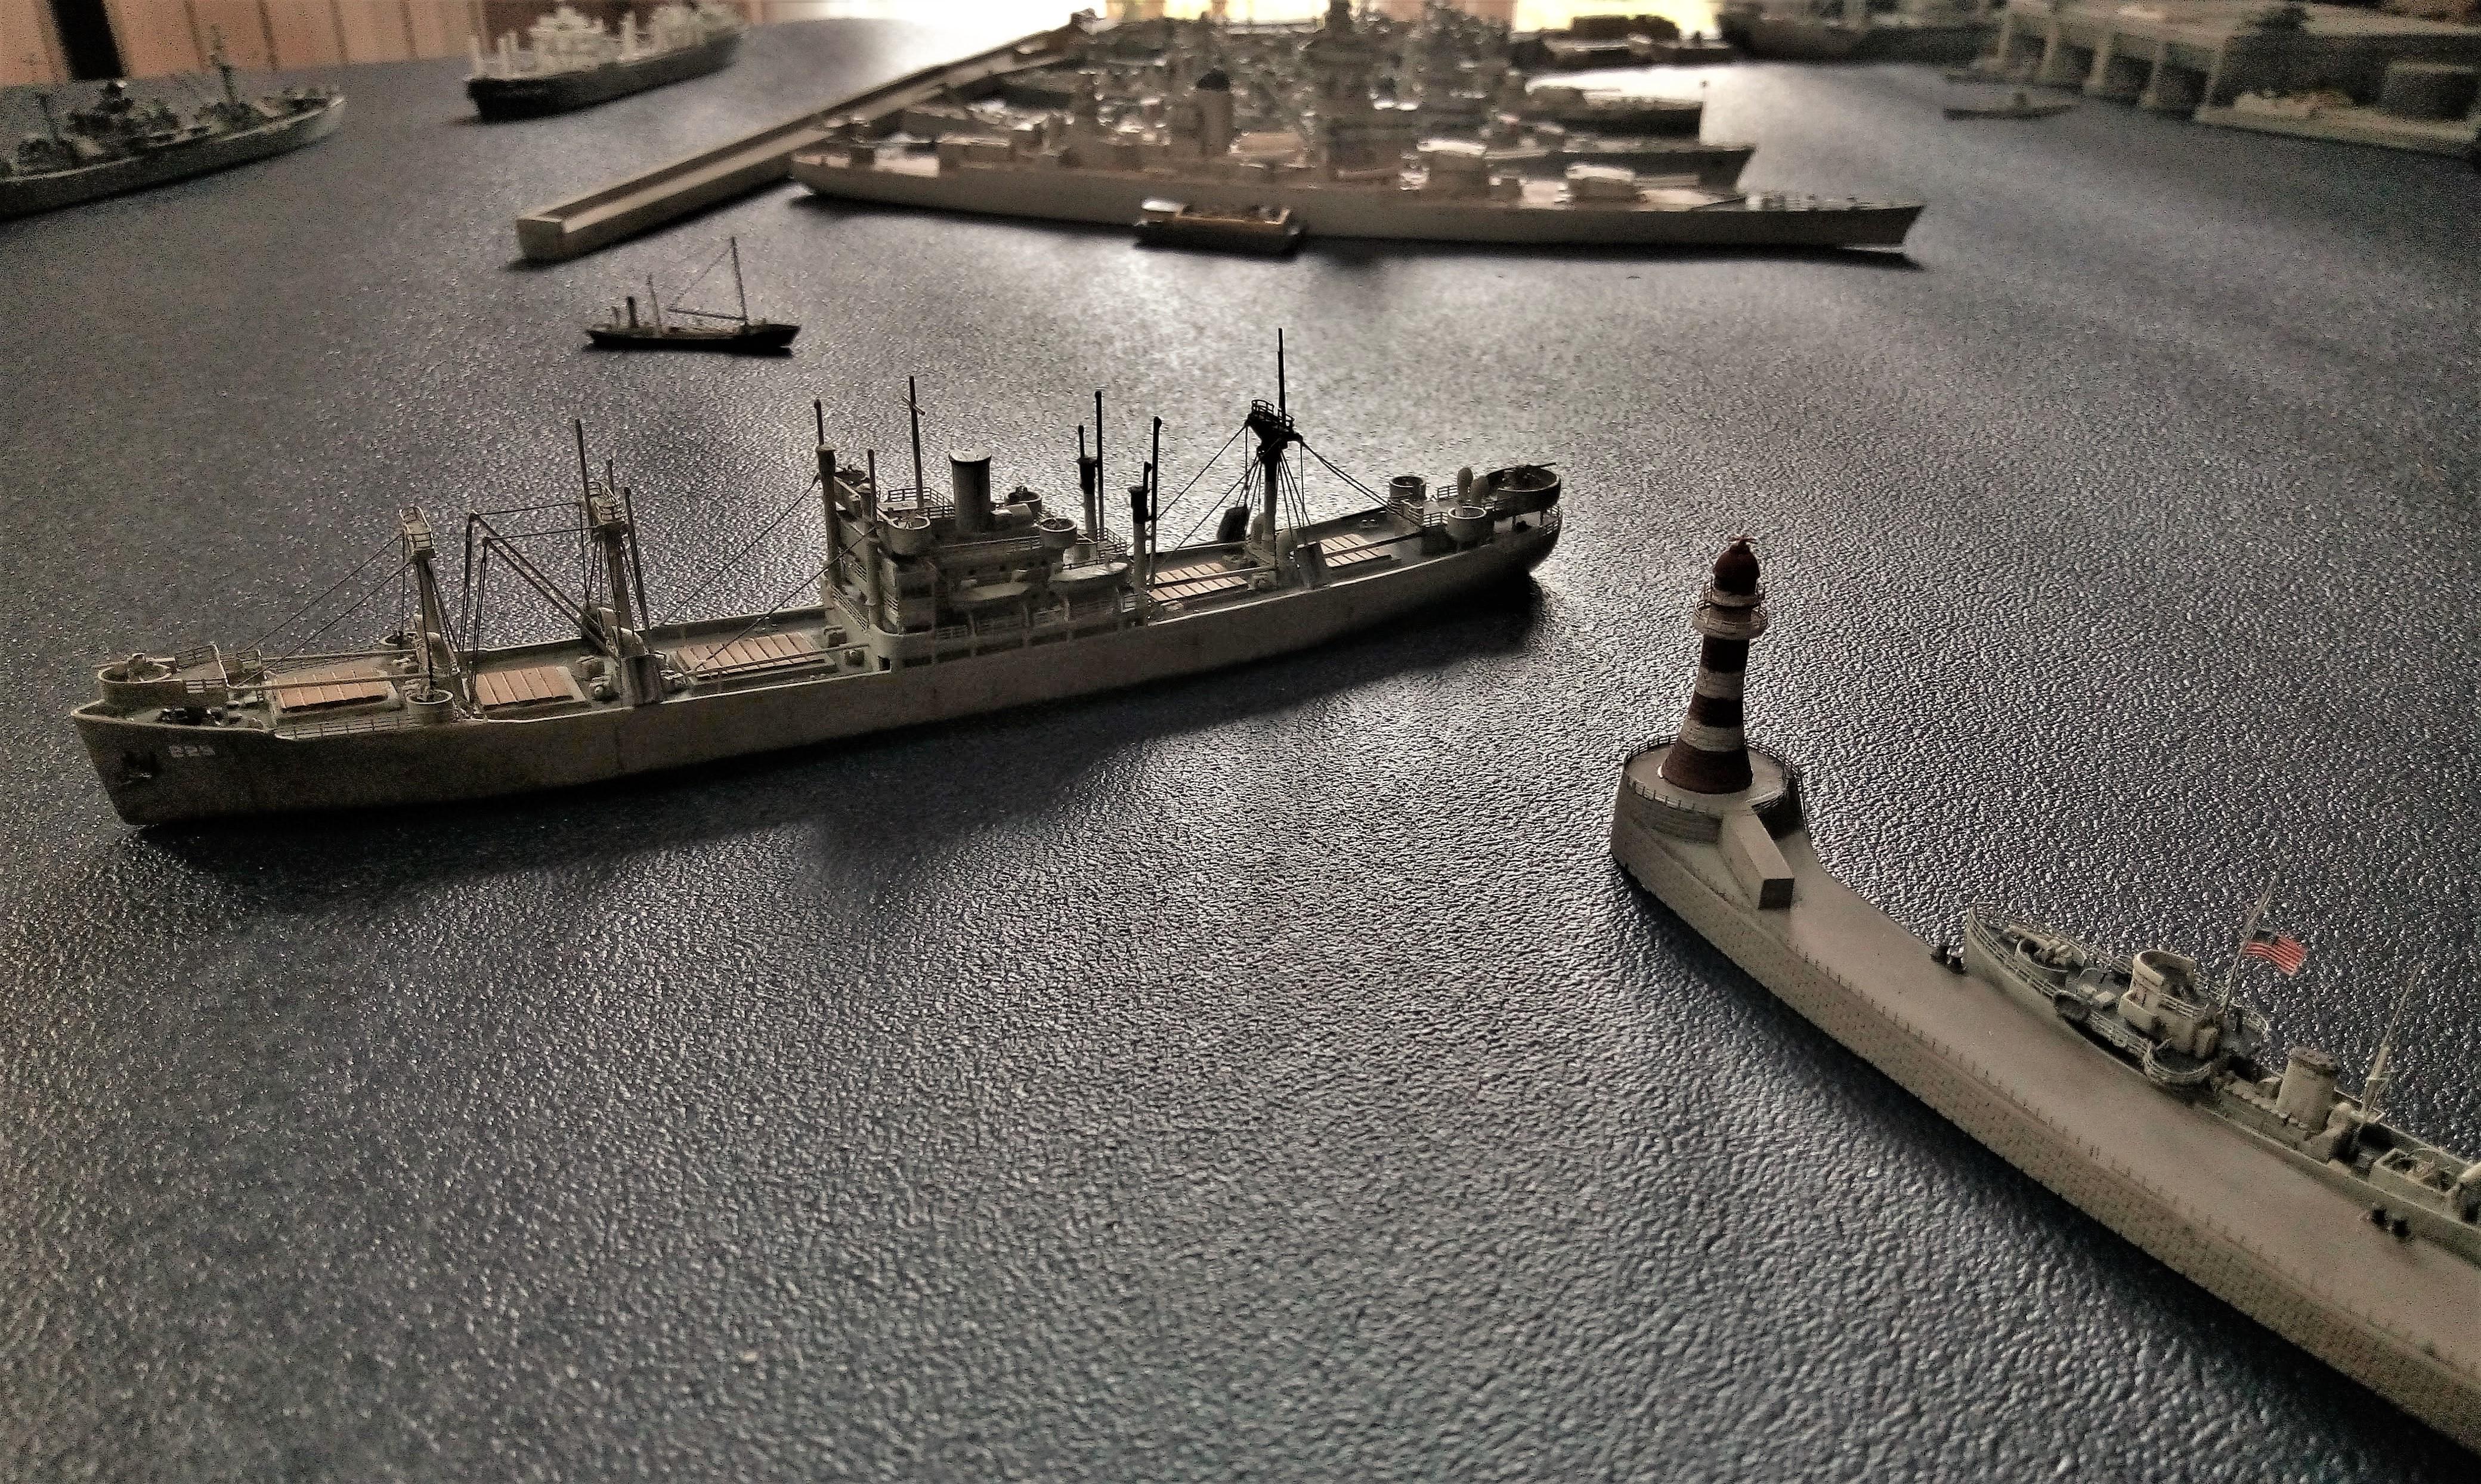 Diorama base navale 1/700 par Nesquik - Page 4 Vw26038fiS